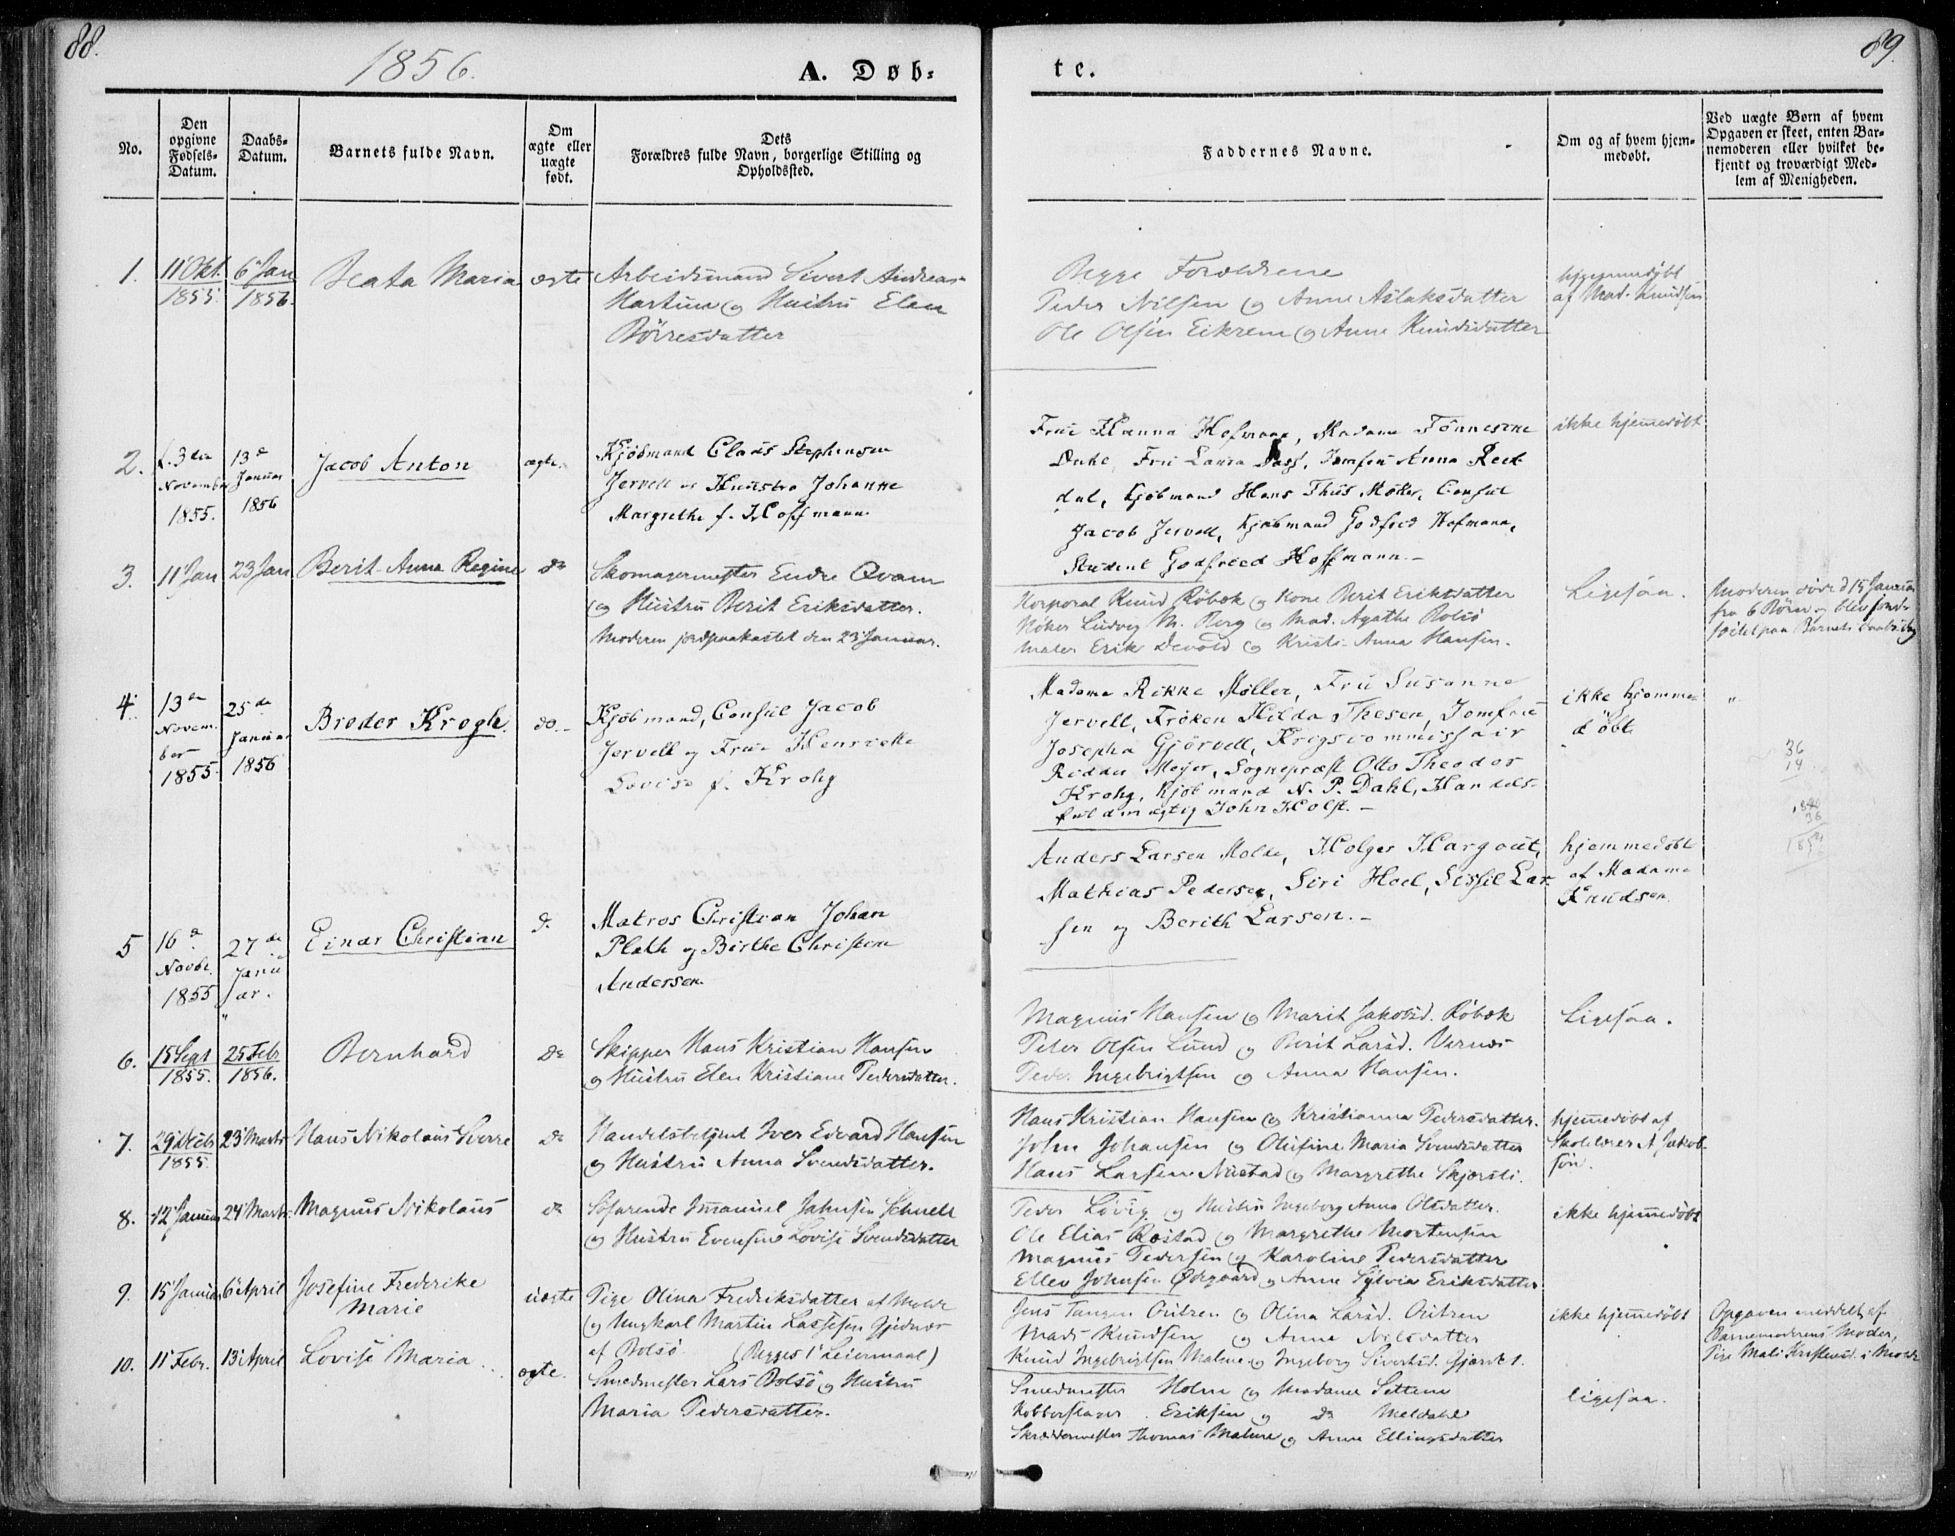 SAT, Ministerialprotokoller, klokkerbøker og fødselsregistre - Møre og Romsdal, 558/L0689: Ministerialbok nr. 558A03, 1843-1872, s. 88-89